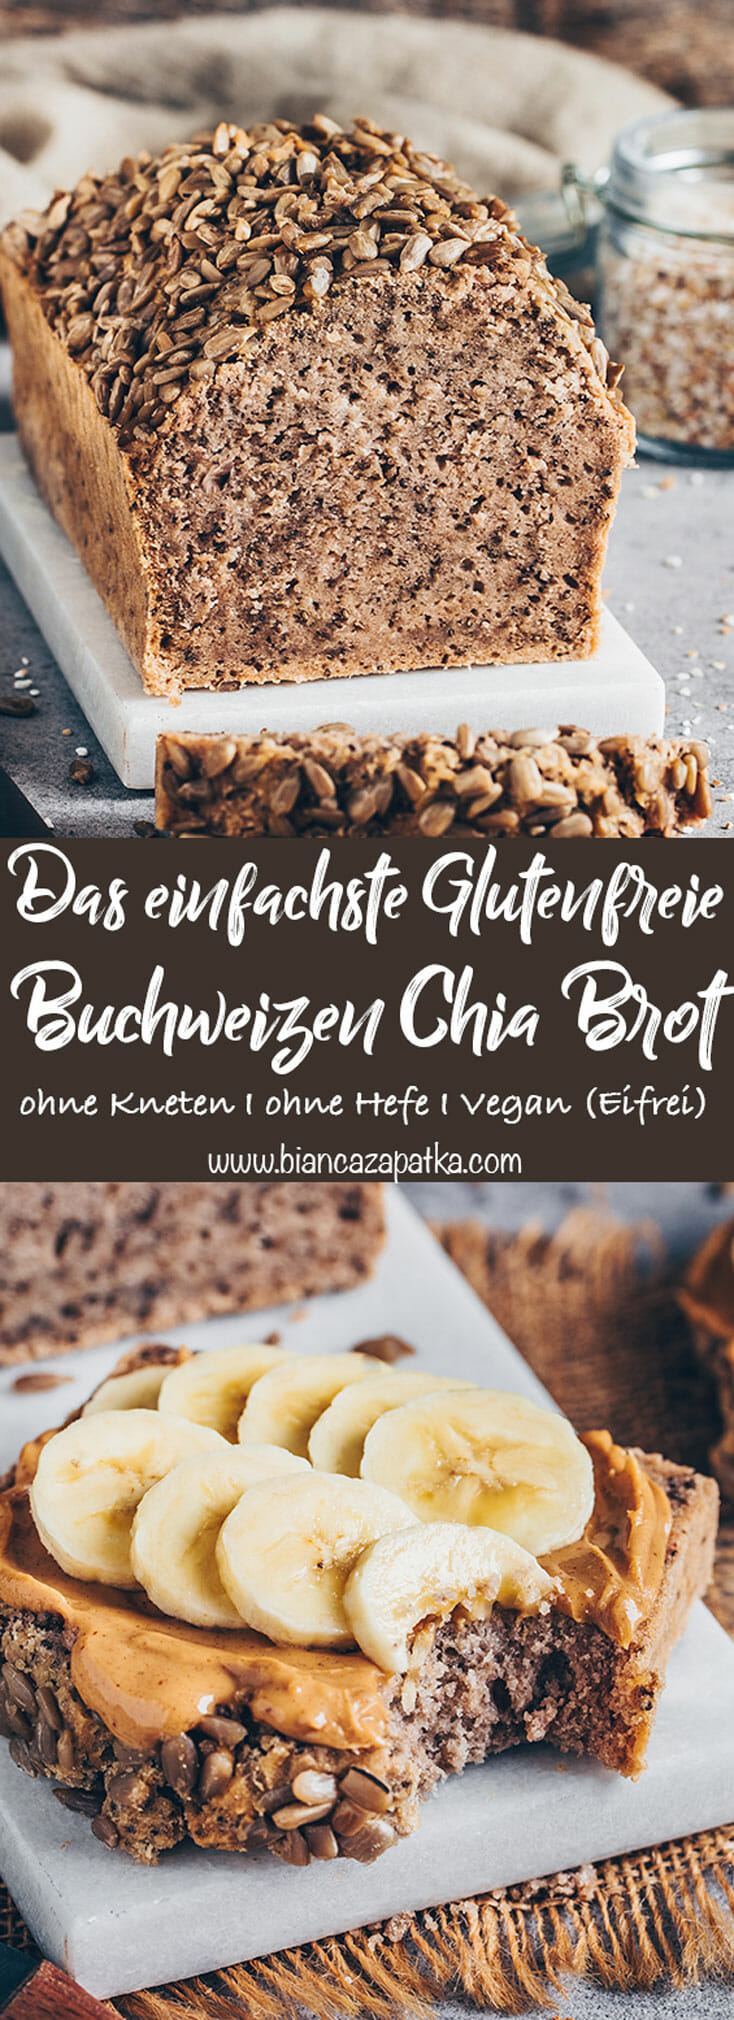 Buchweizen Chia Brot (glutenfrei, vegan, einfach)